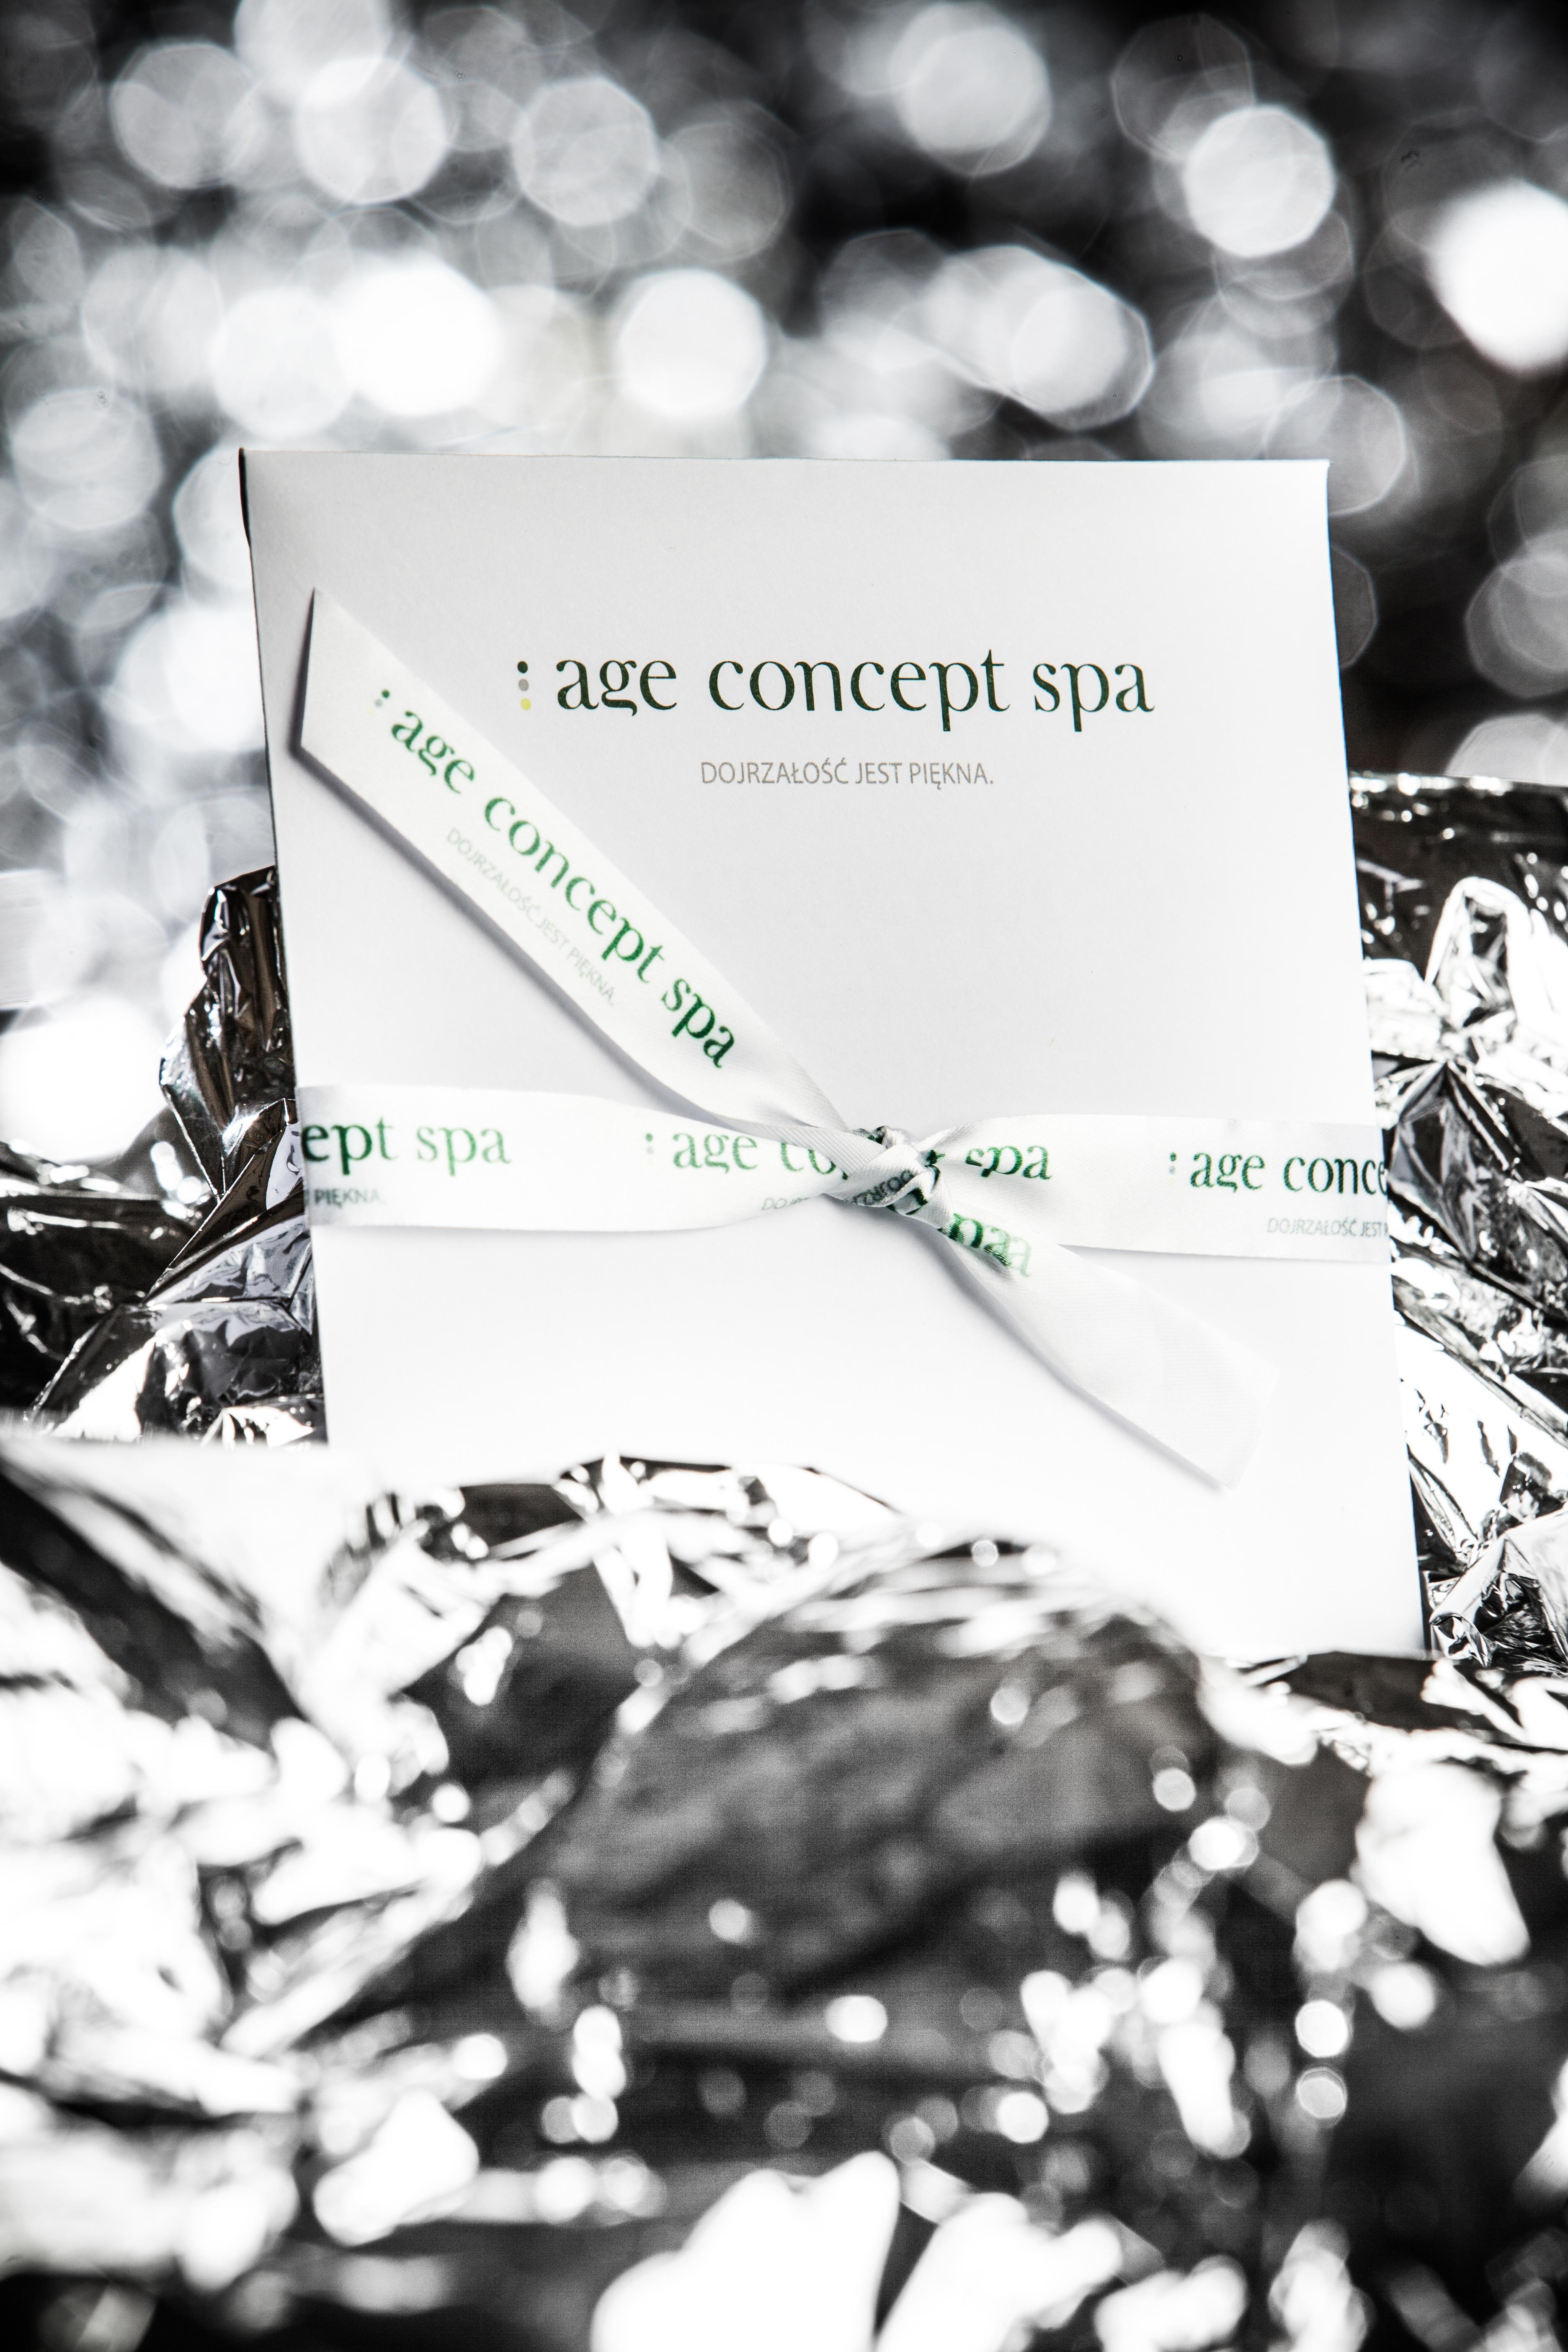 Vouchery upominkowe - age concept spa - Dojrzałość jest piękna - salon Day Spa Warszawa Żoliborz Bielany - gabinet kosmetyczny